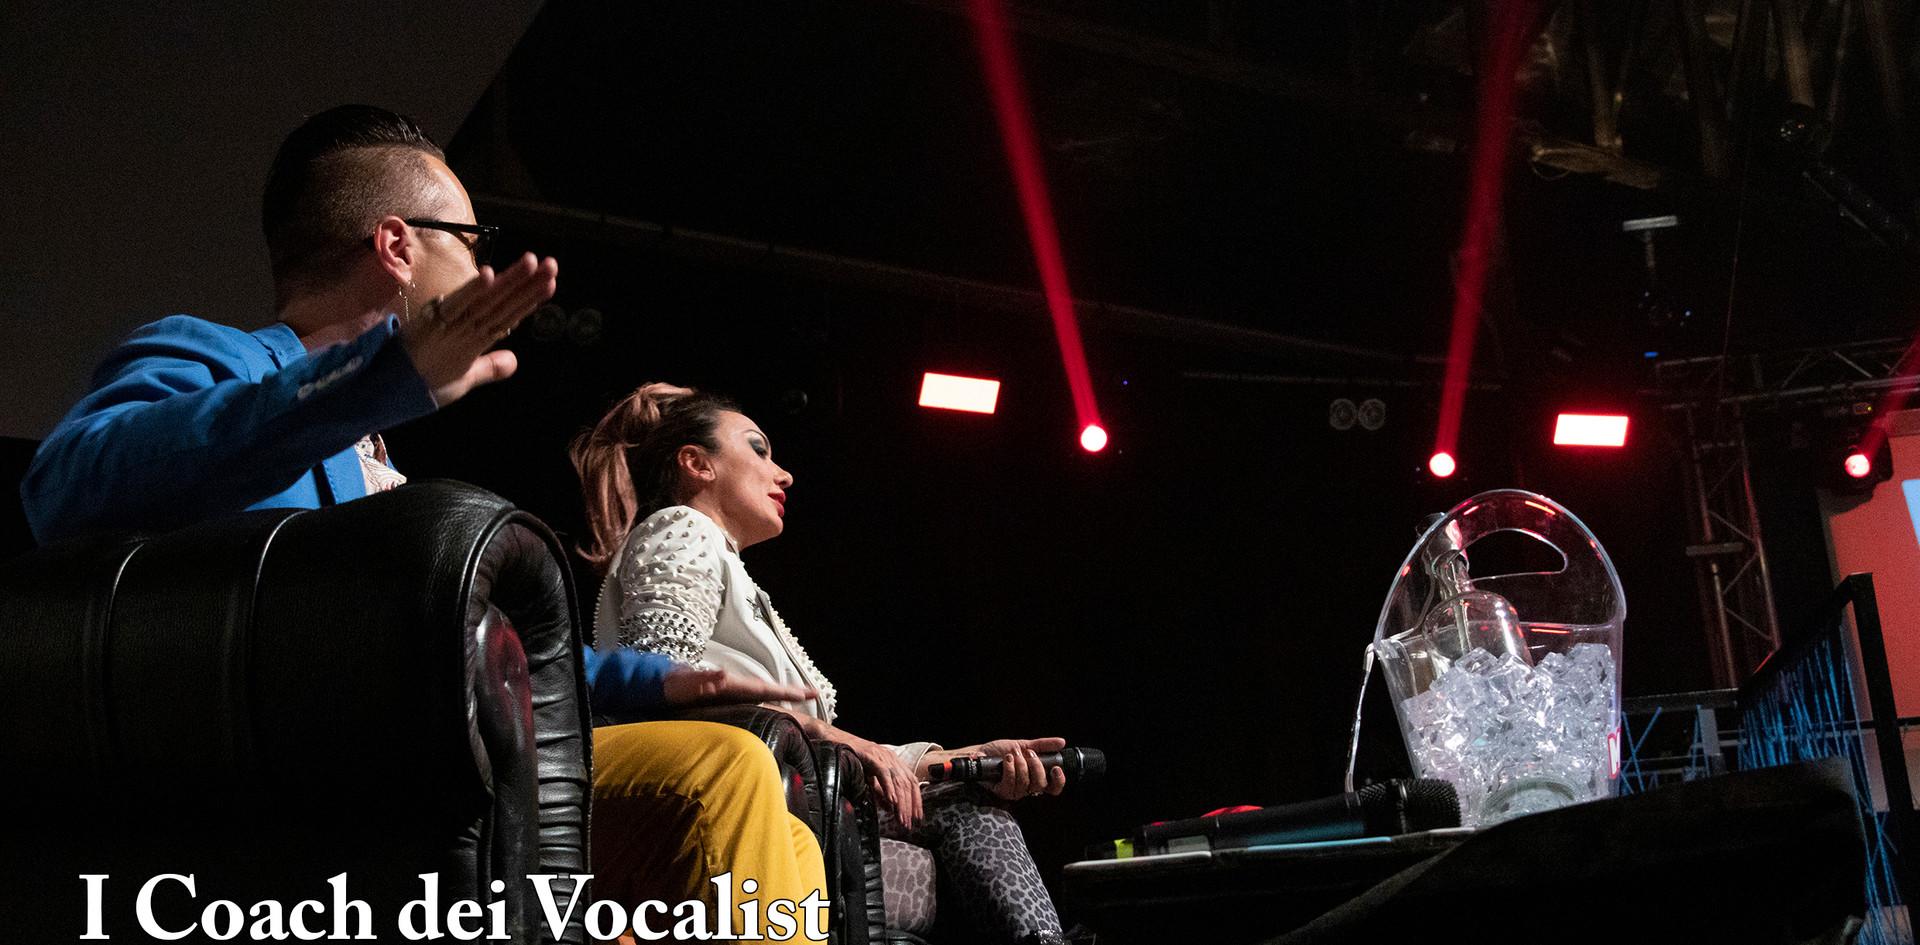 I coach dei Vocalist